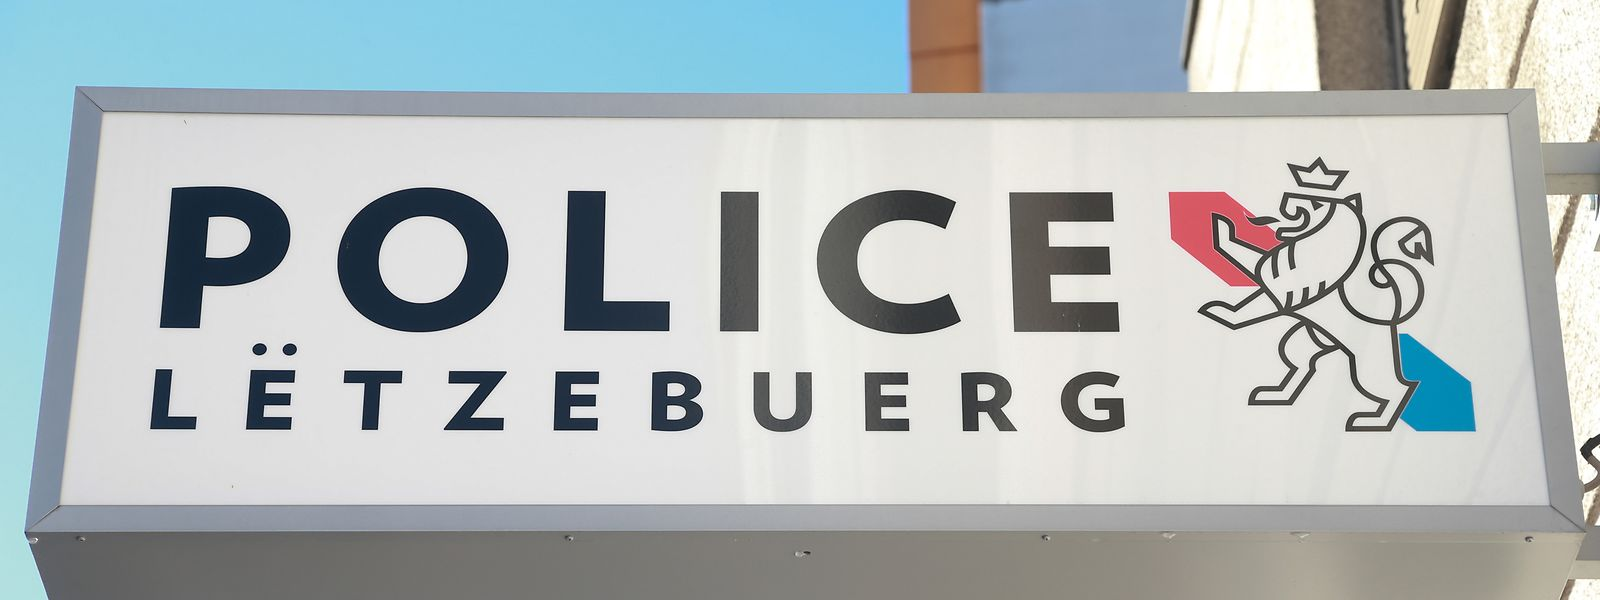 """""""Der Mann, welcher auf den Fotos abgebildet war, steht in keinem Zusammenhang mit der Tat"""", so die Polizei am Donnerstag."""